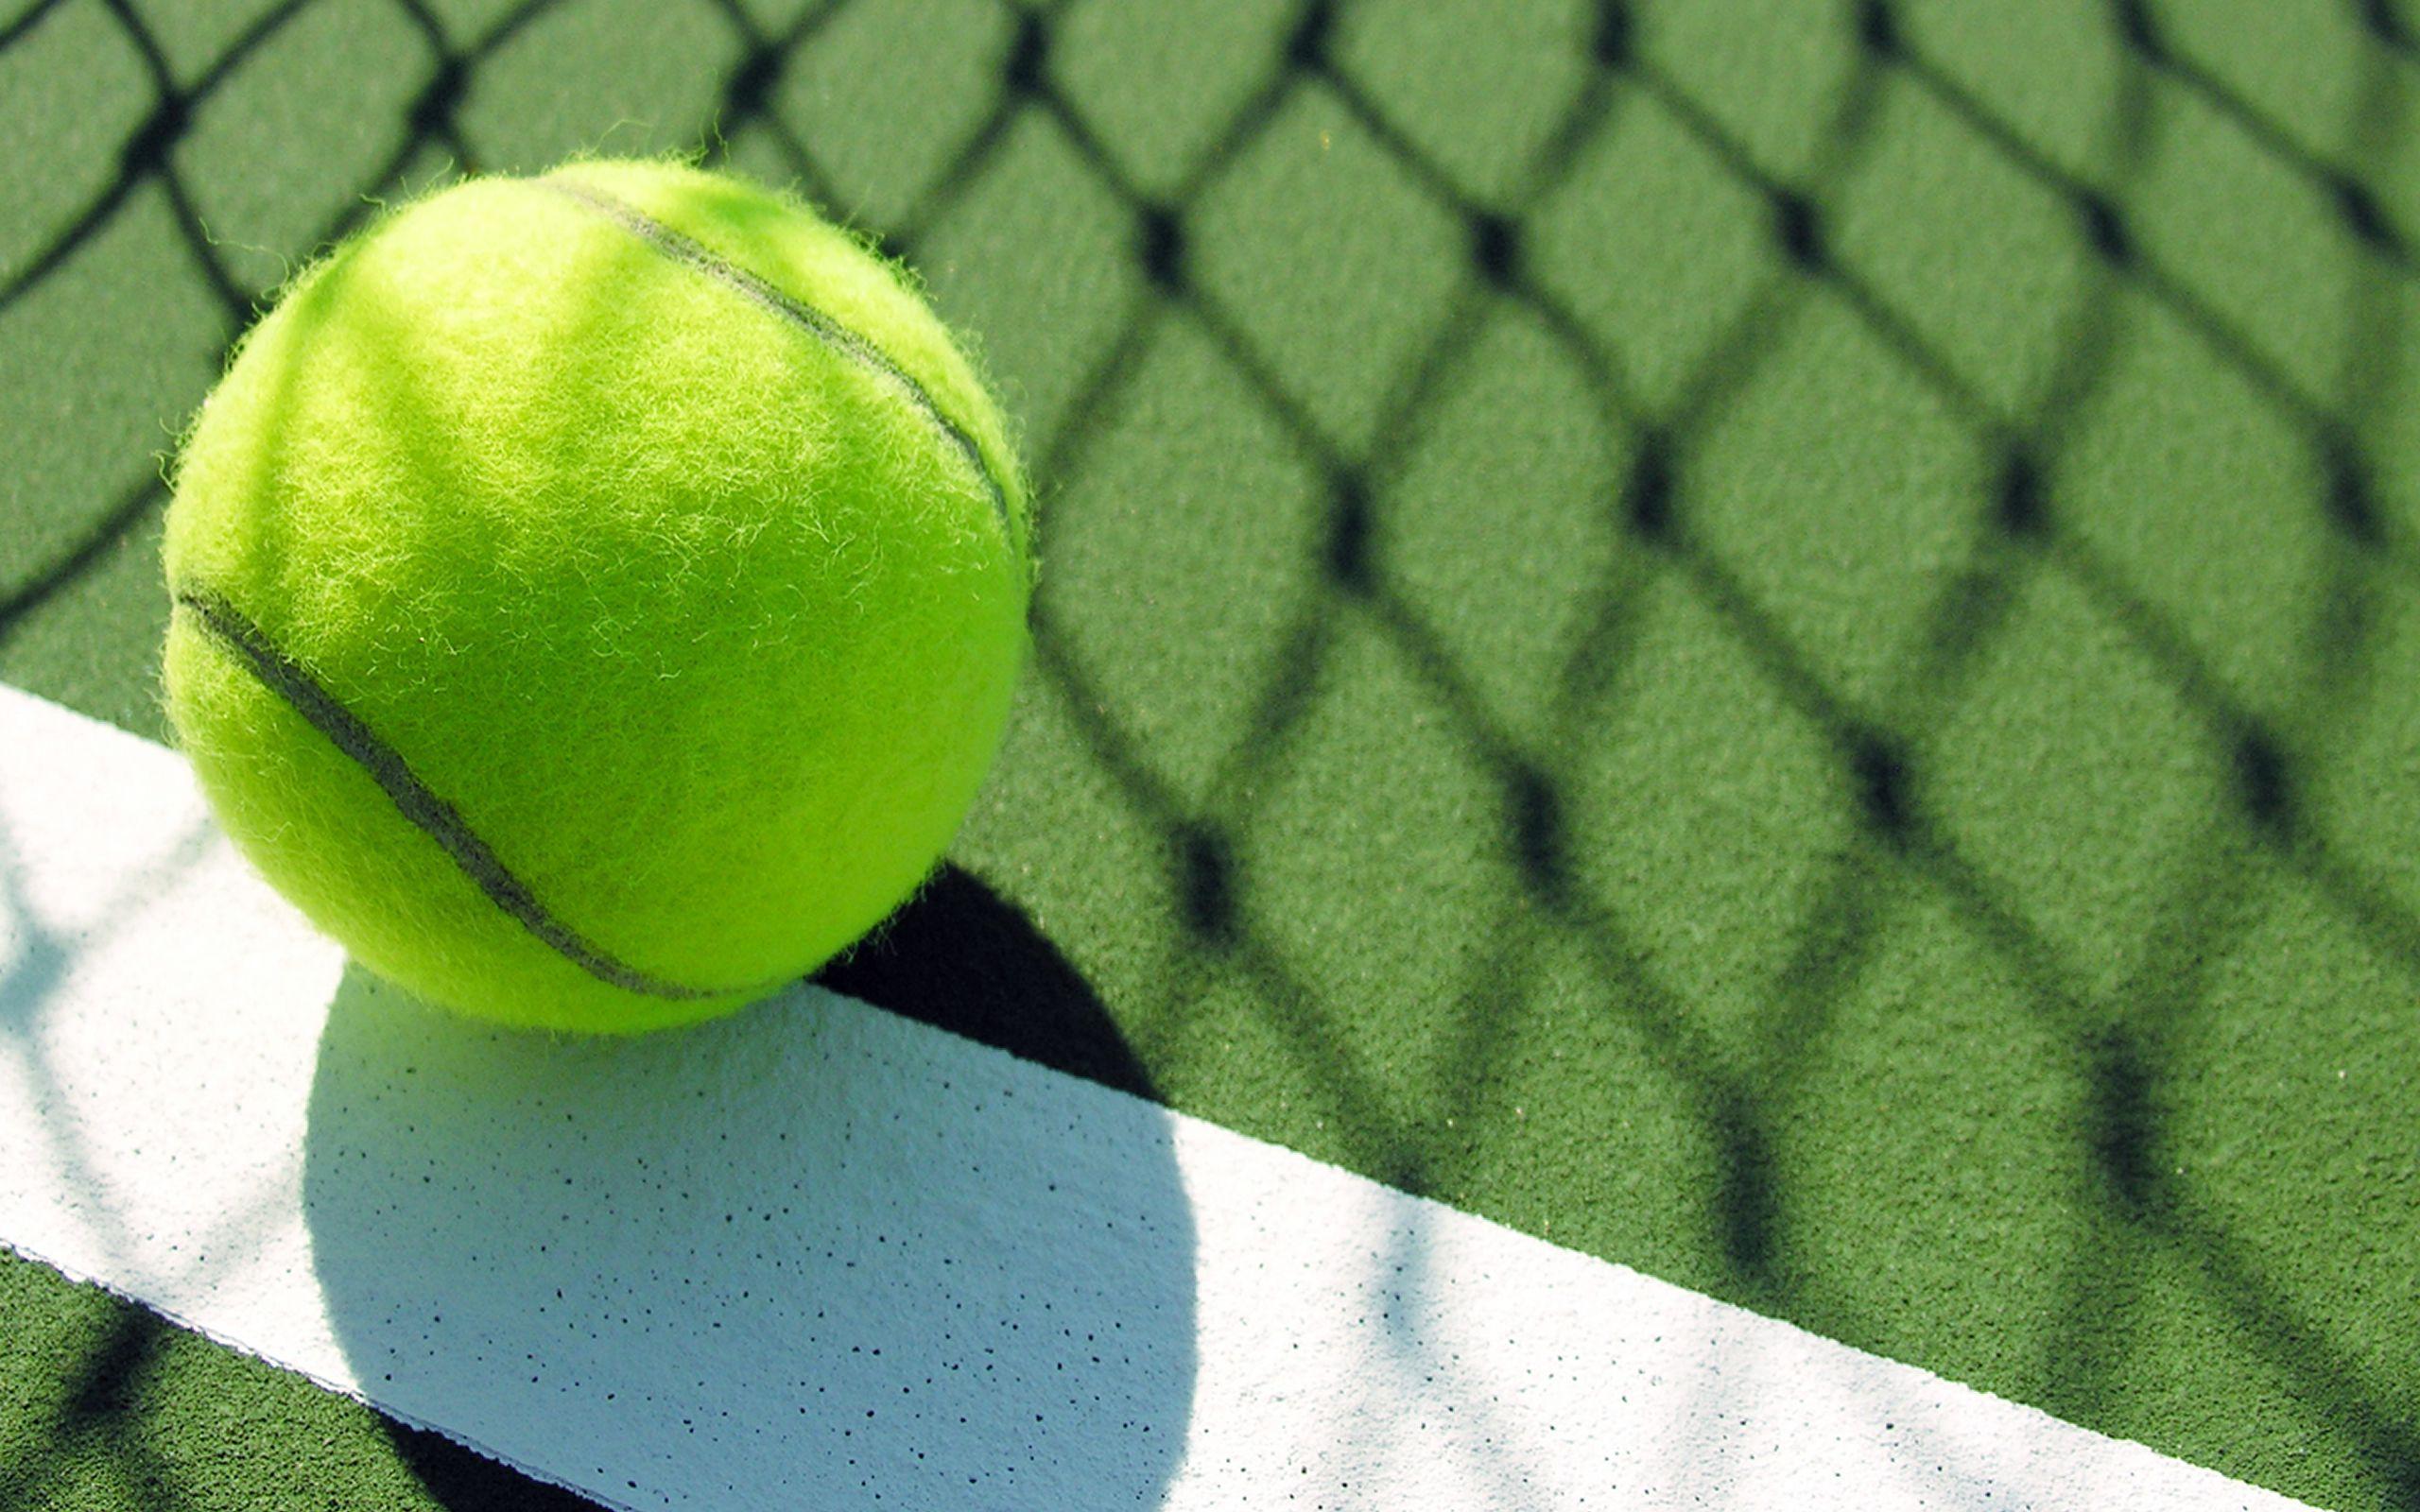 free tennis 4k images